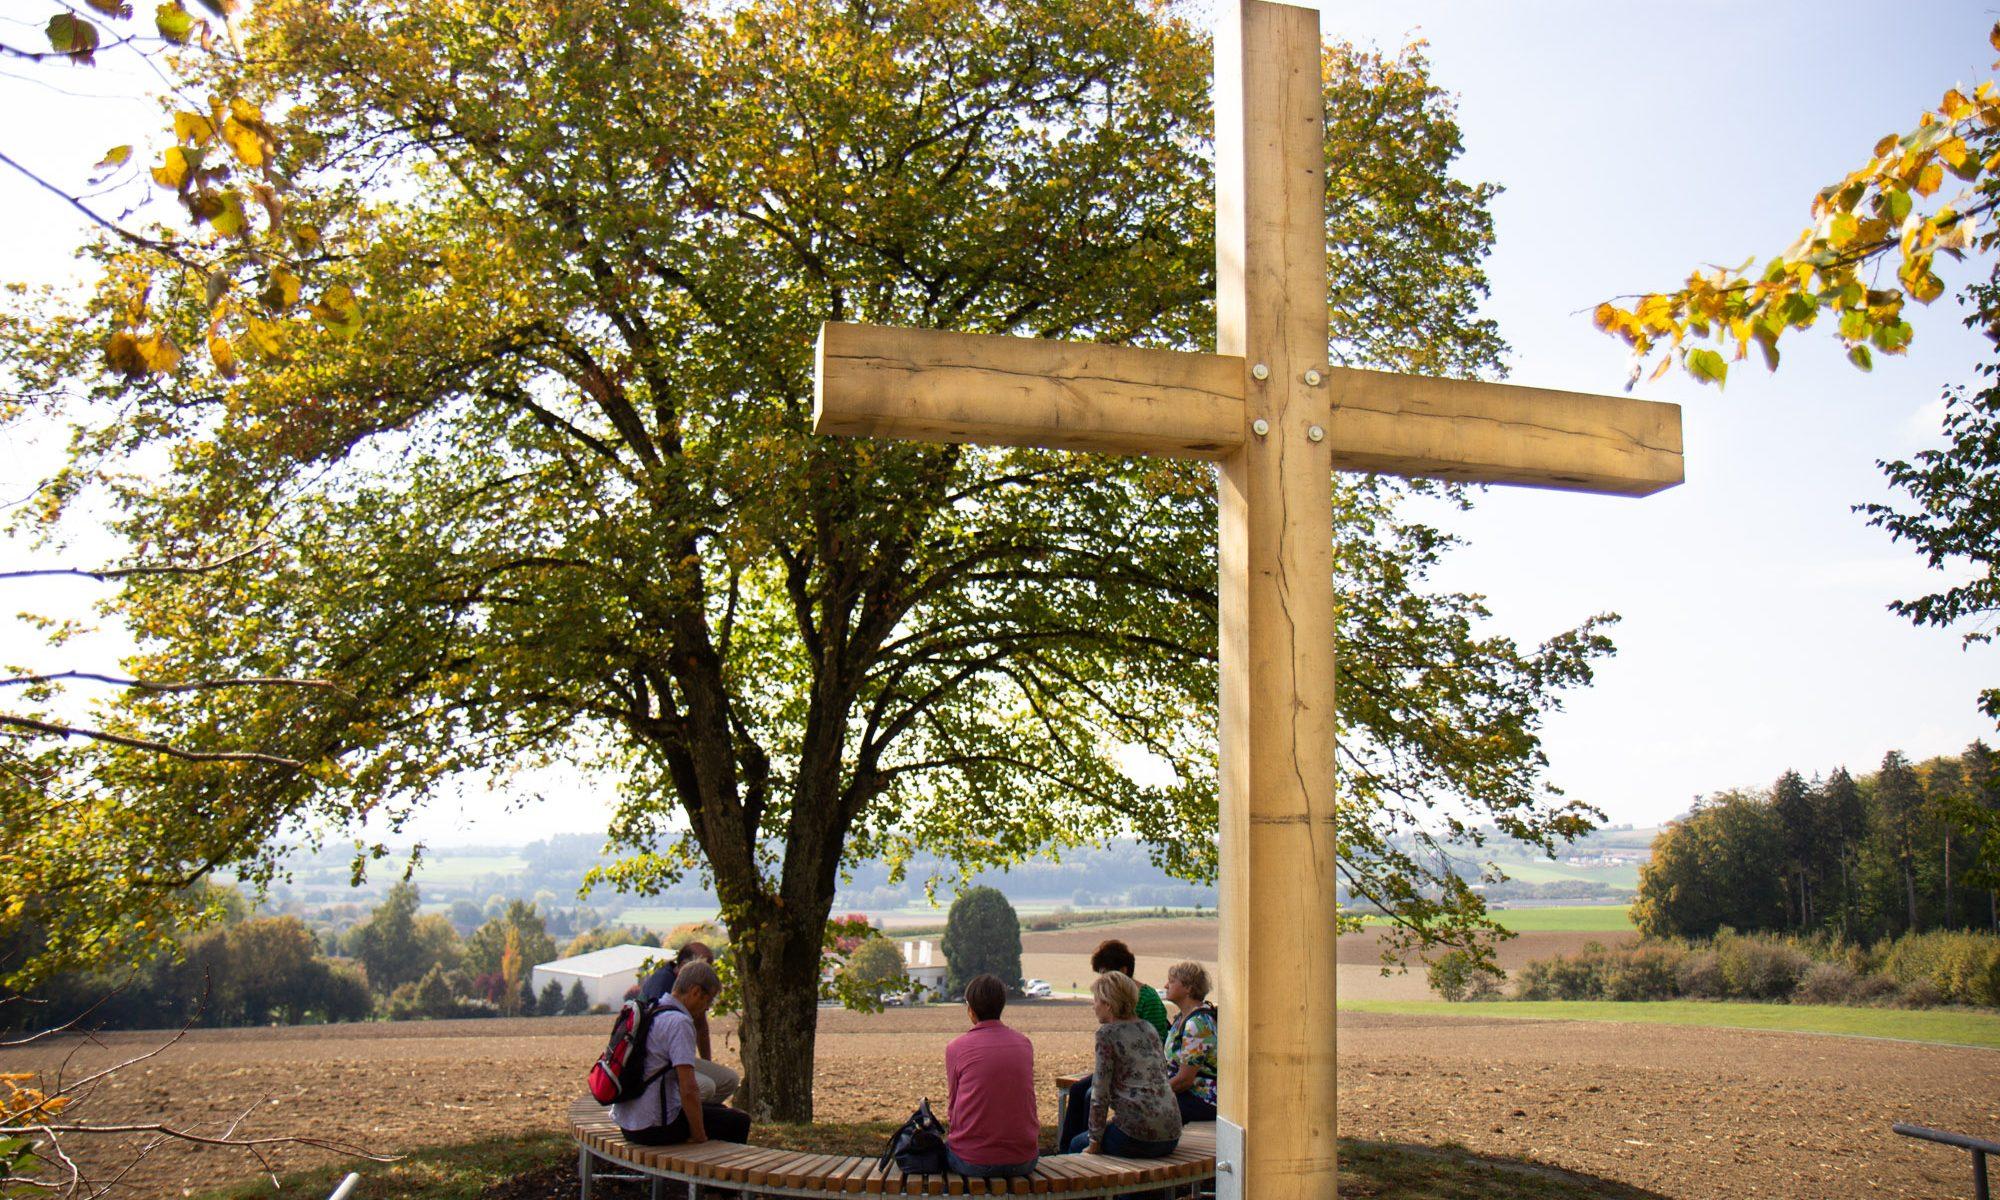 Station 5 des Vaterunser-Weges mit dem Kreuz im Rücken. Davor Menschen auf der Bank.